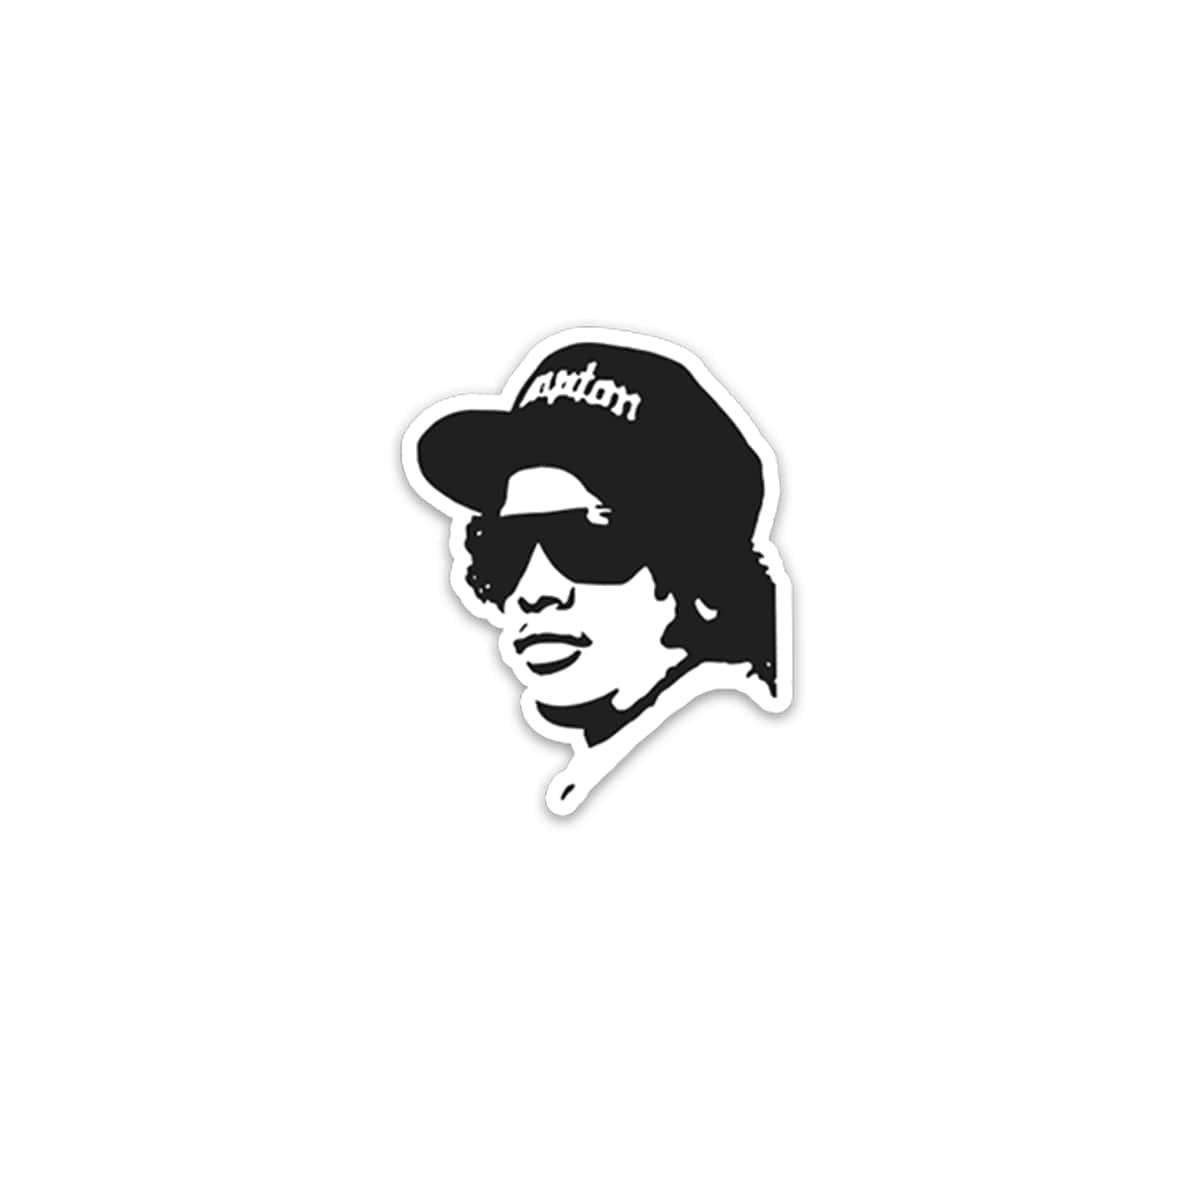 Eazy-E Silhouette Sticker